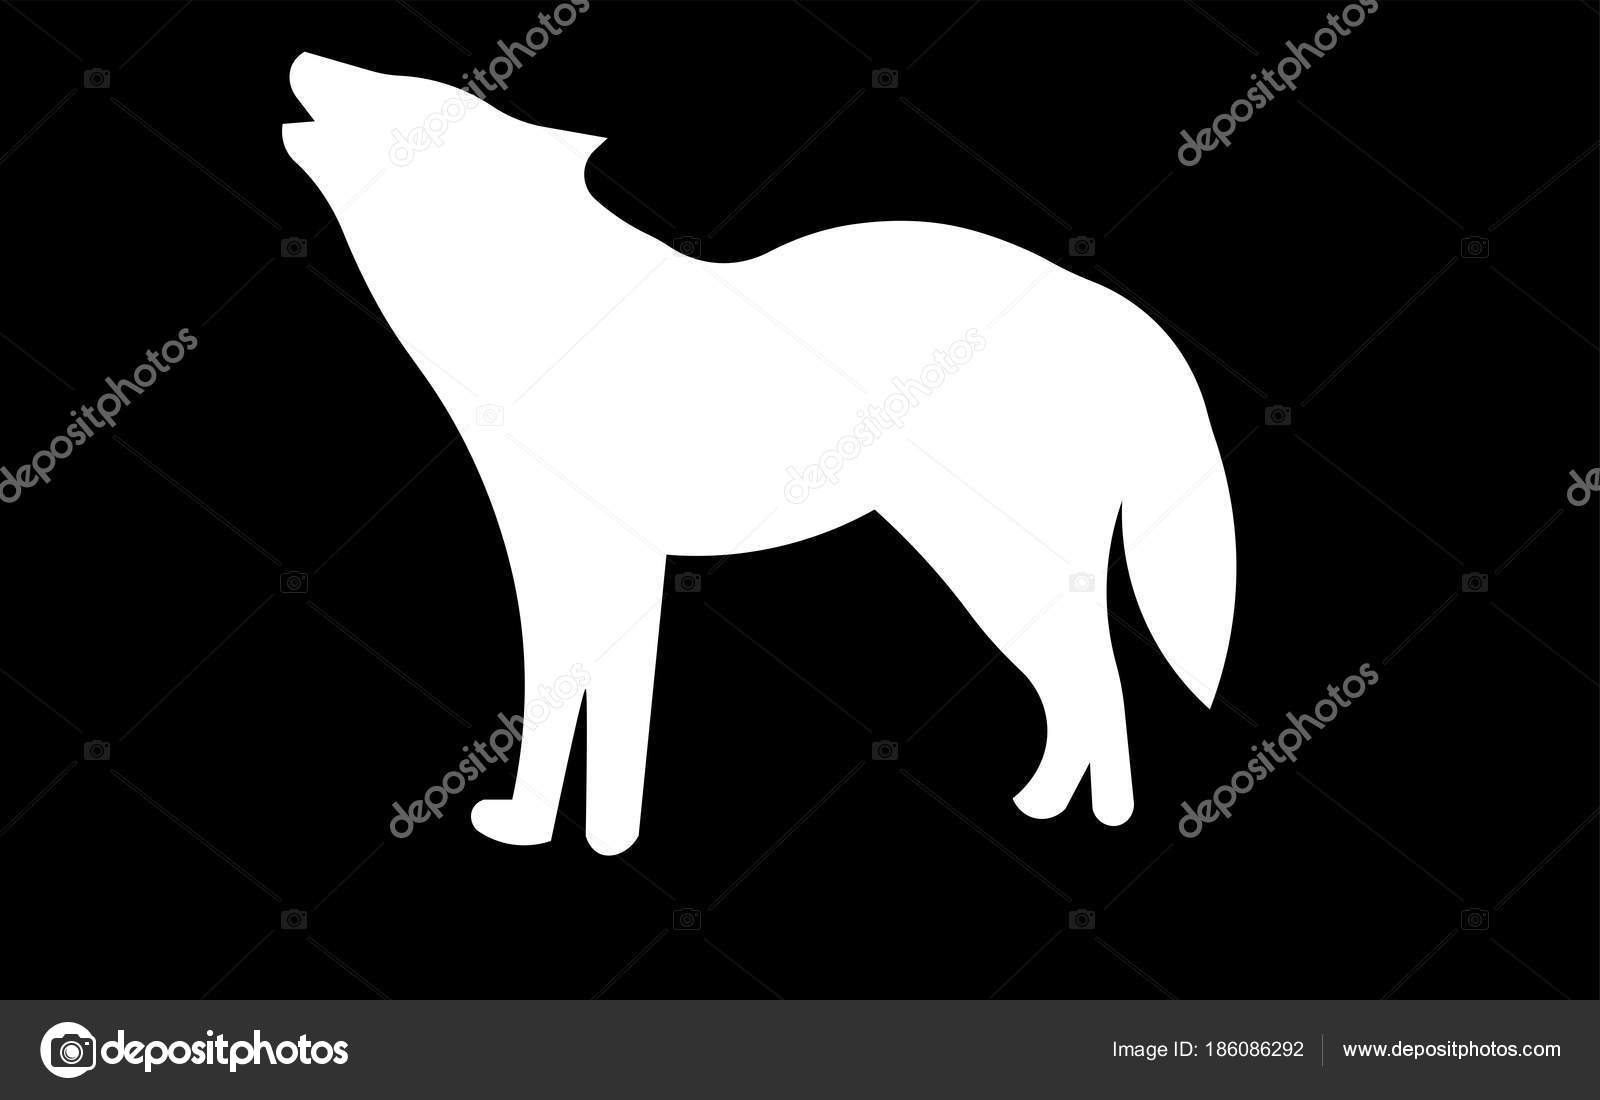 Silueta Lobo: Blanco Aullido Prediseñadas De Lobo Silueta Sobre Fondo